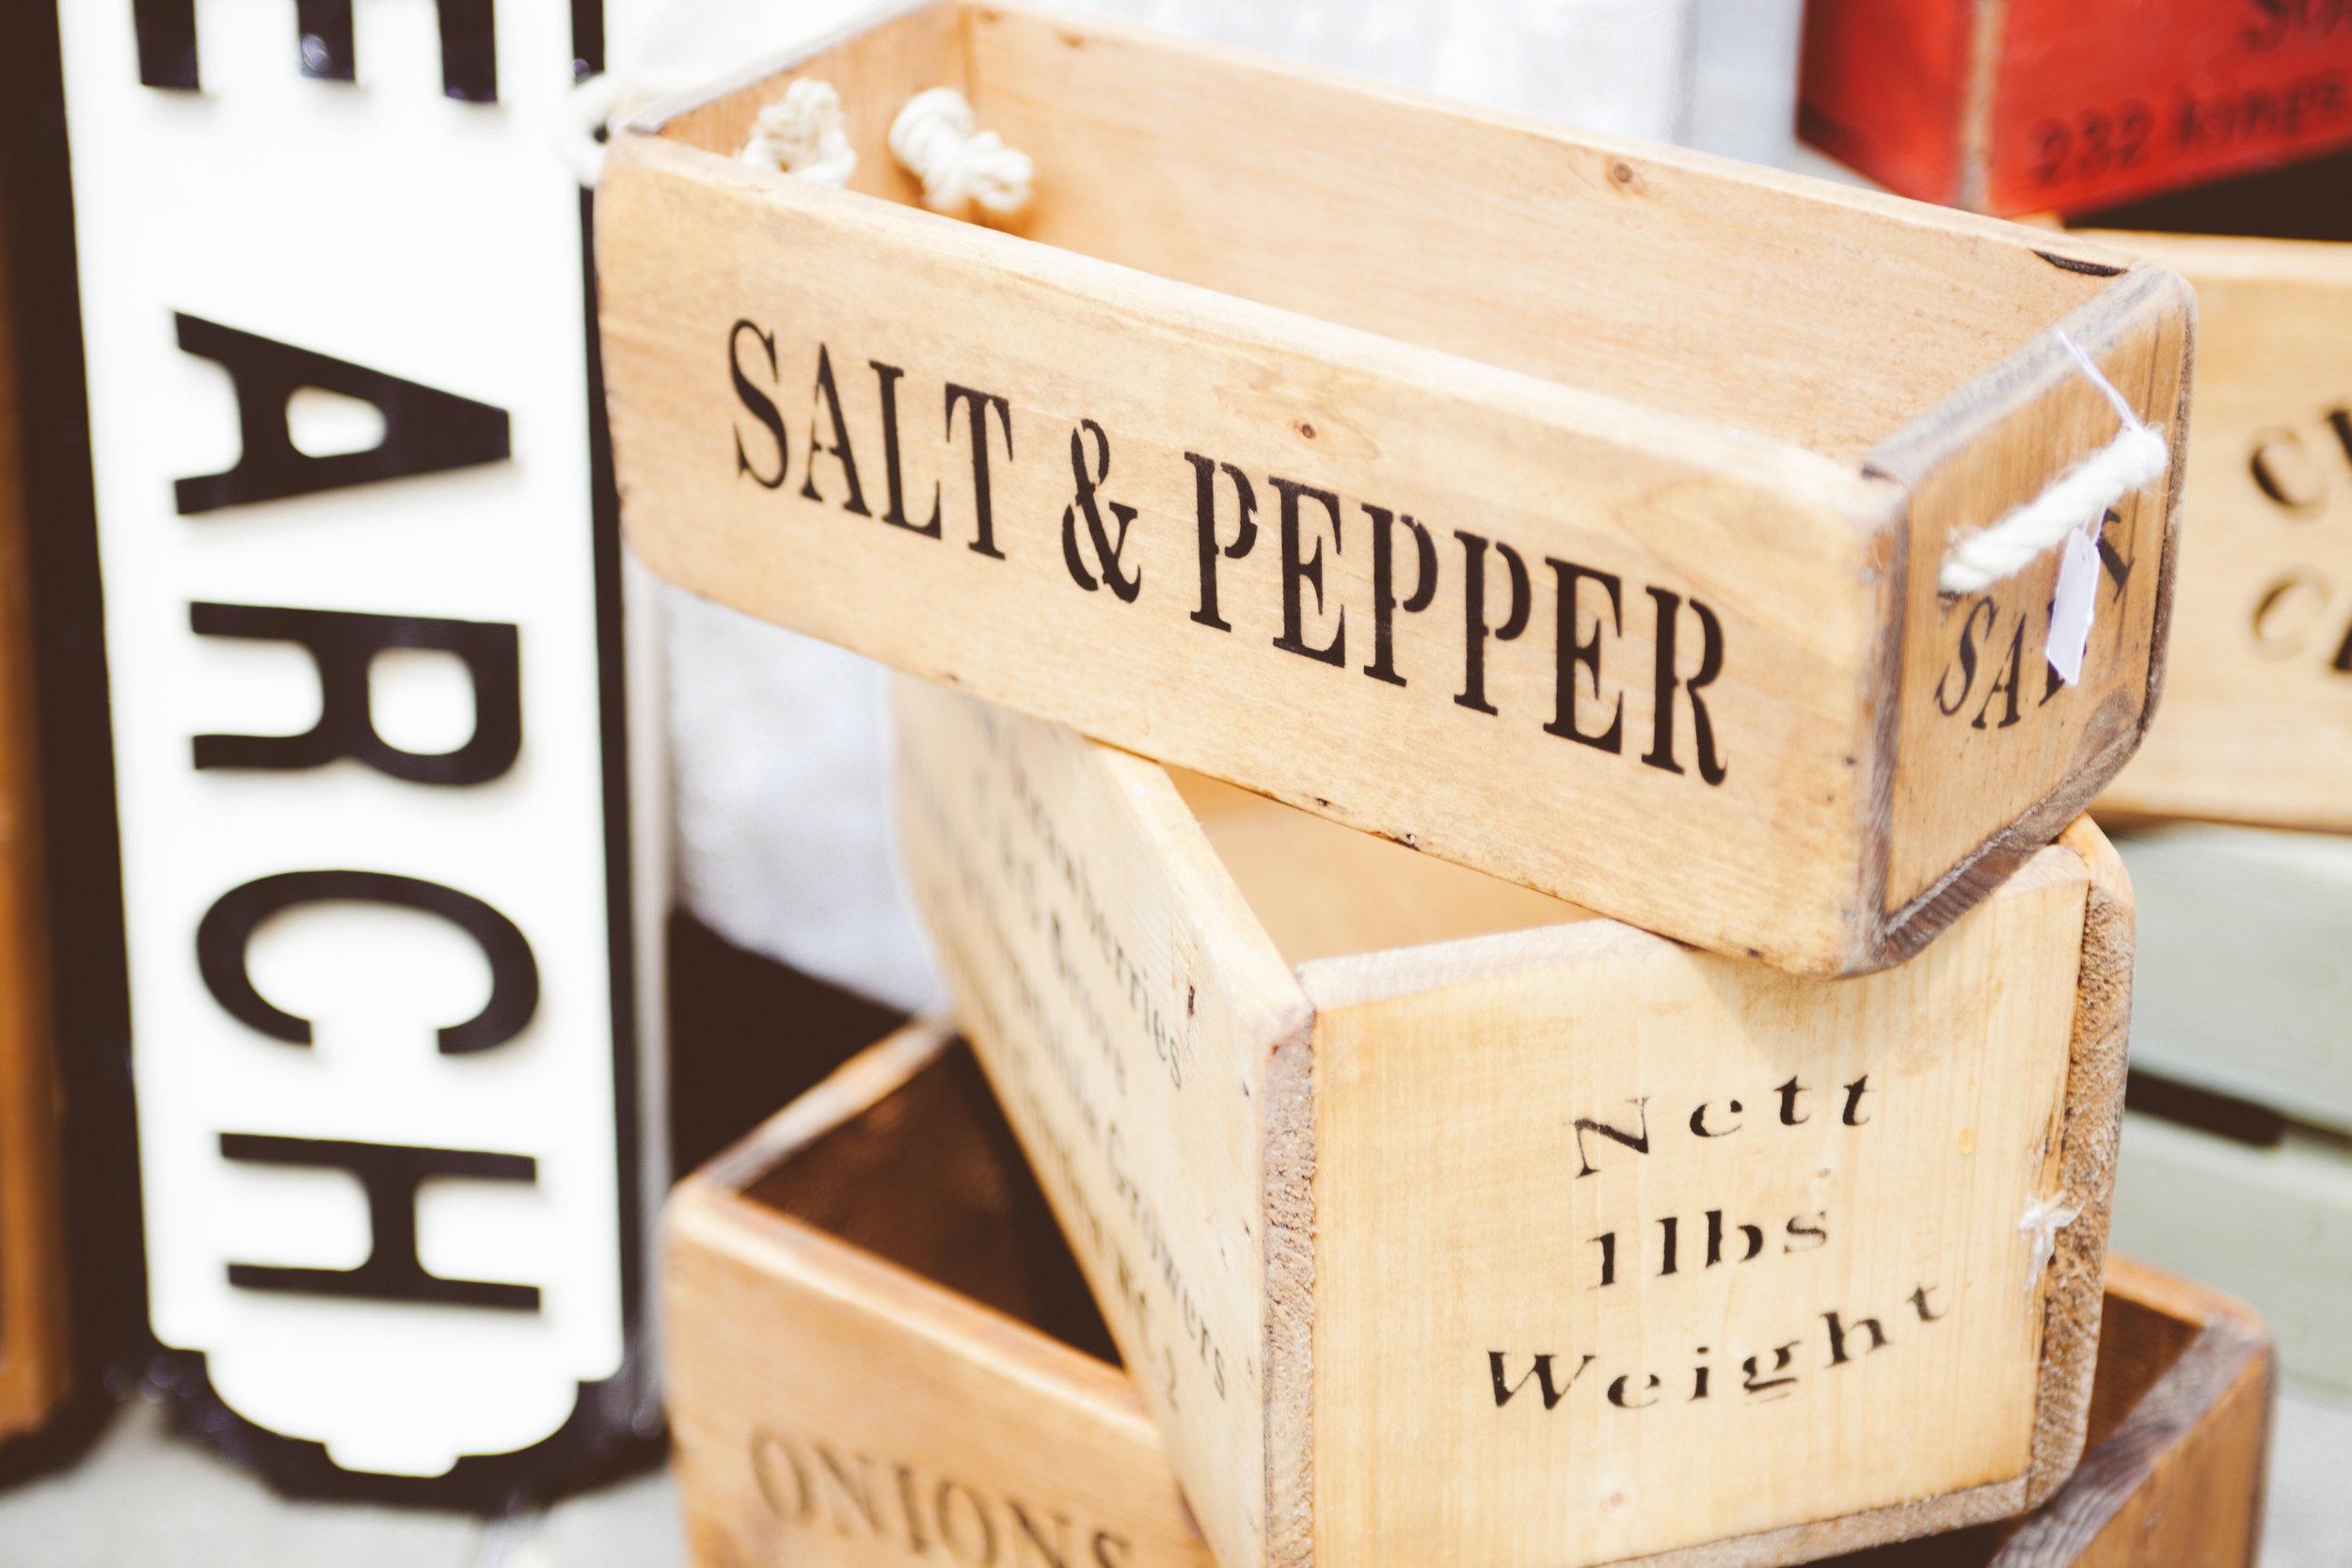 Essentiels - Vous pouvez être assuré d'un approvisionnement frais en produits de cuisine essentiels, qui rendent le séjour autonome un plaisir.